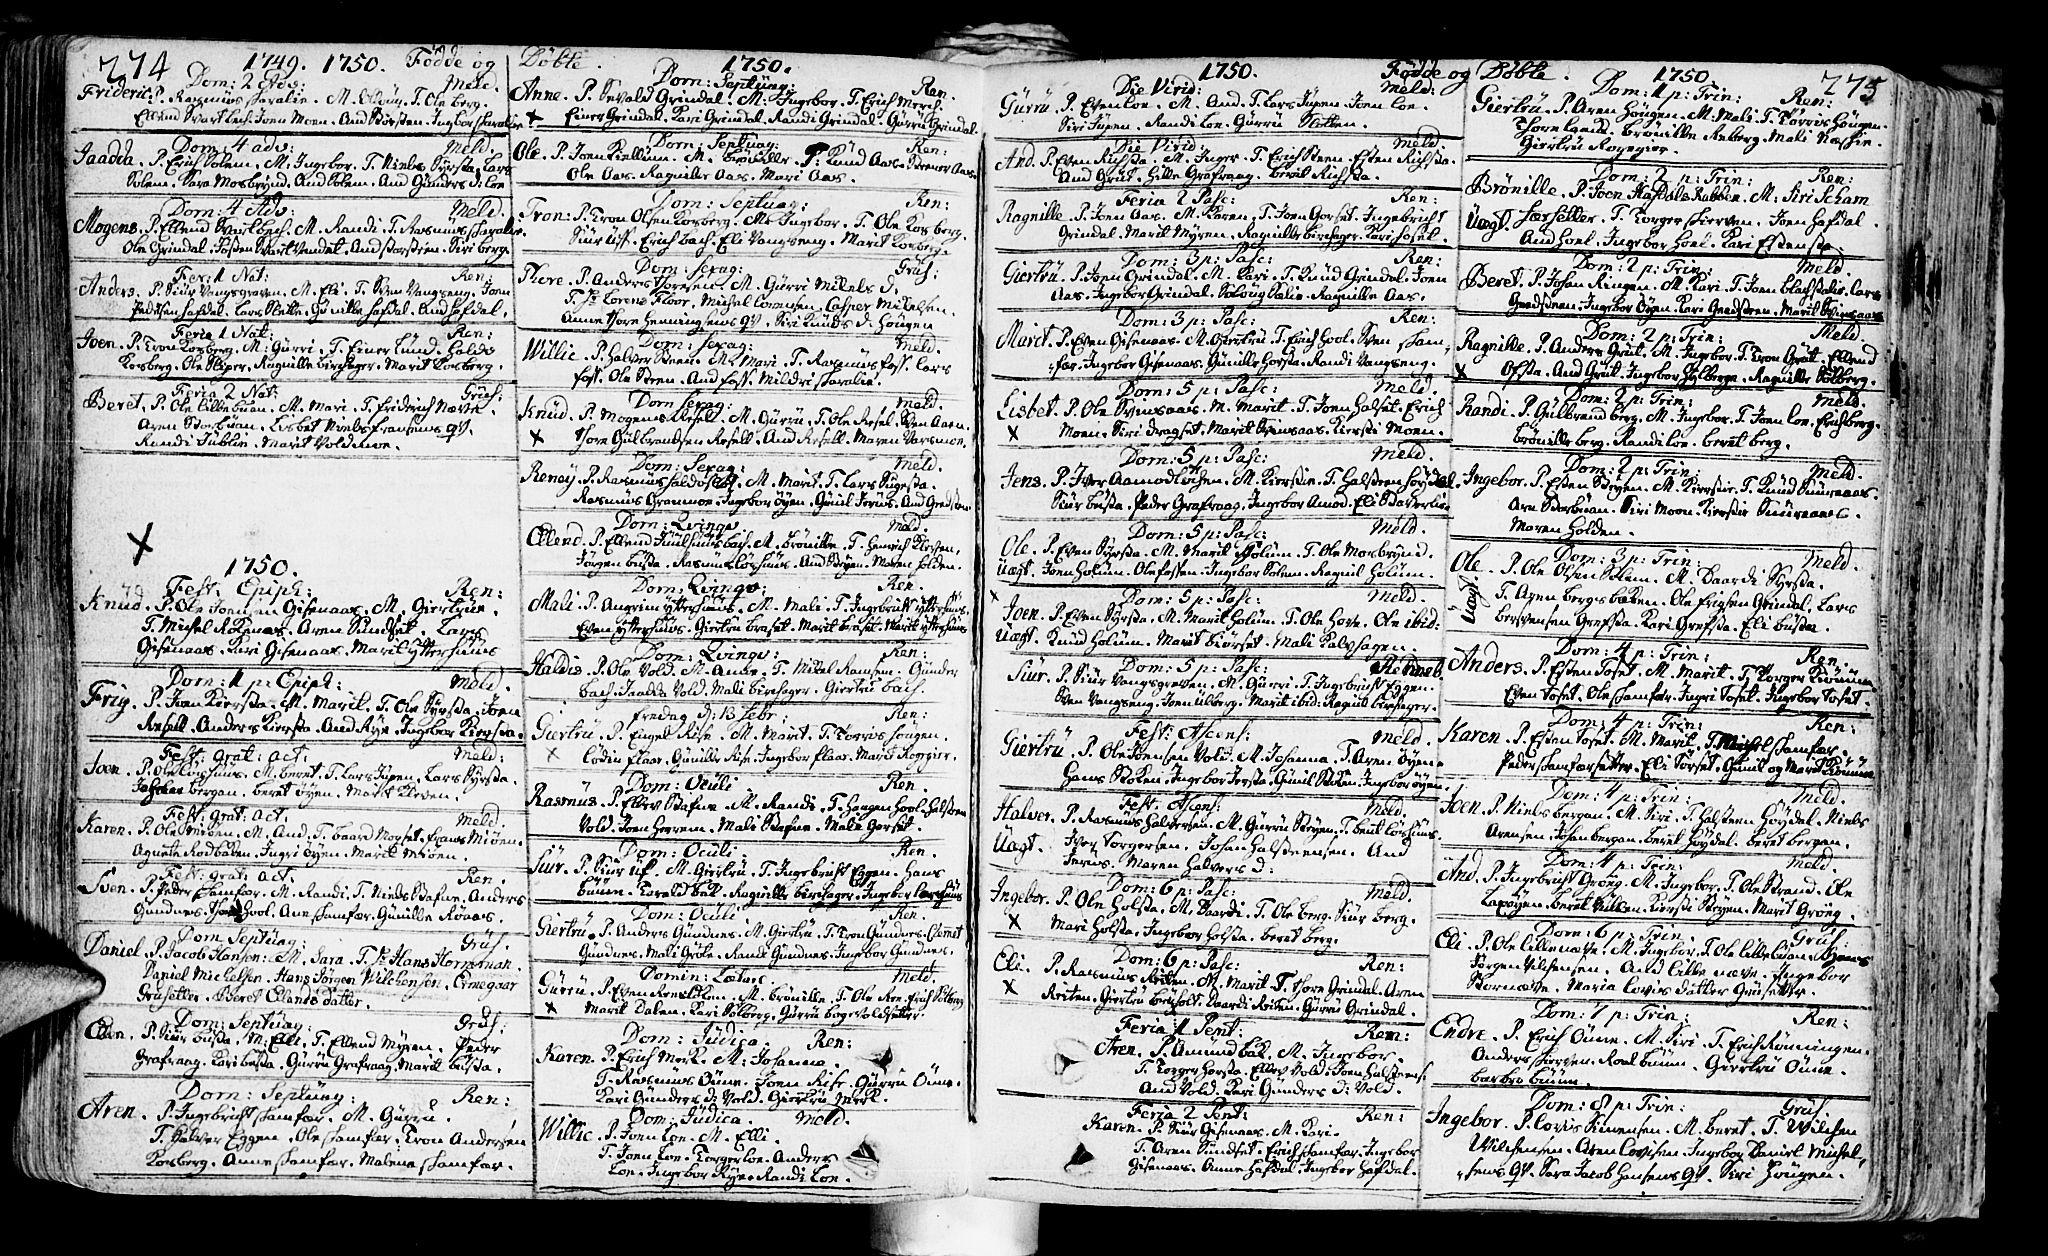 SAT, Ministerialprotokoller, klokkerbøker og fødselsregistre - Sør-Trøndelag, 672/L0850: Ministerialbok nr. 672A03, 1725-1751, s. 274-275